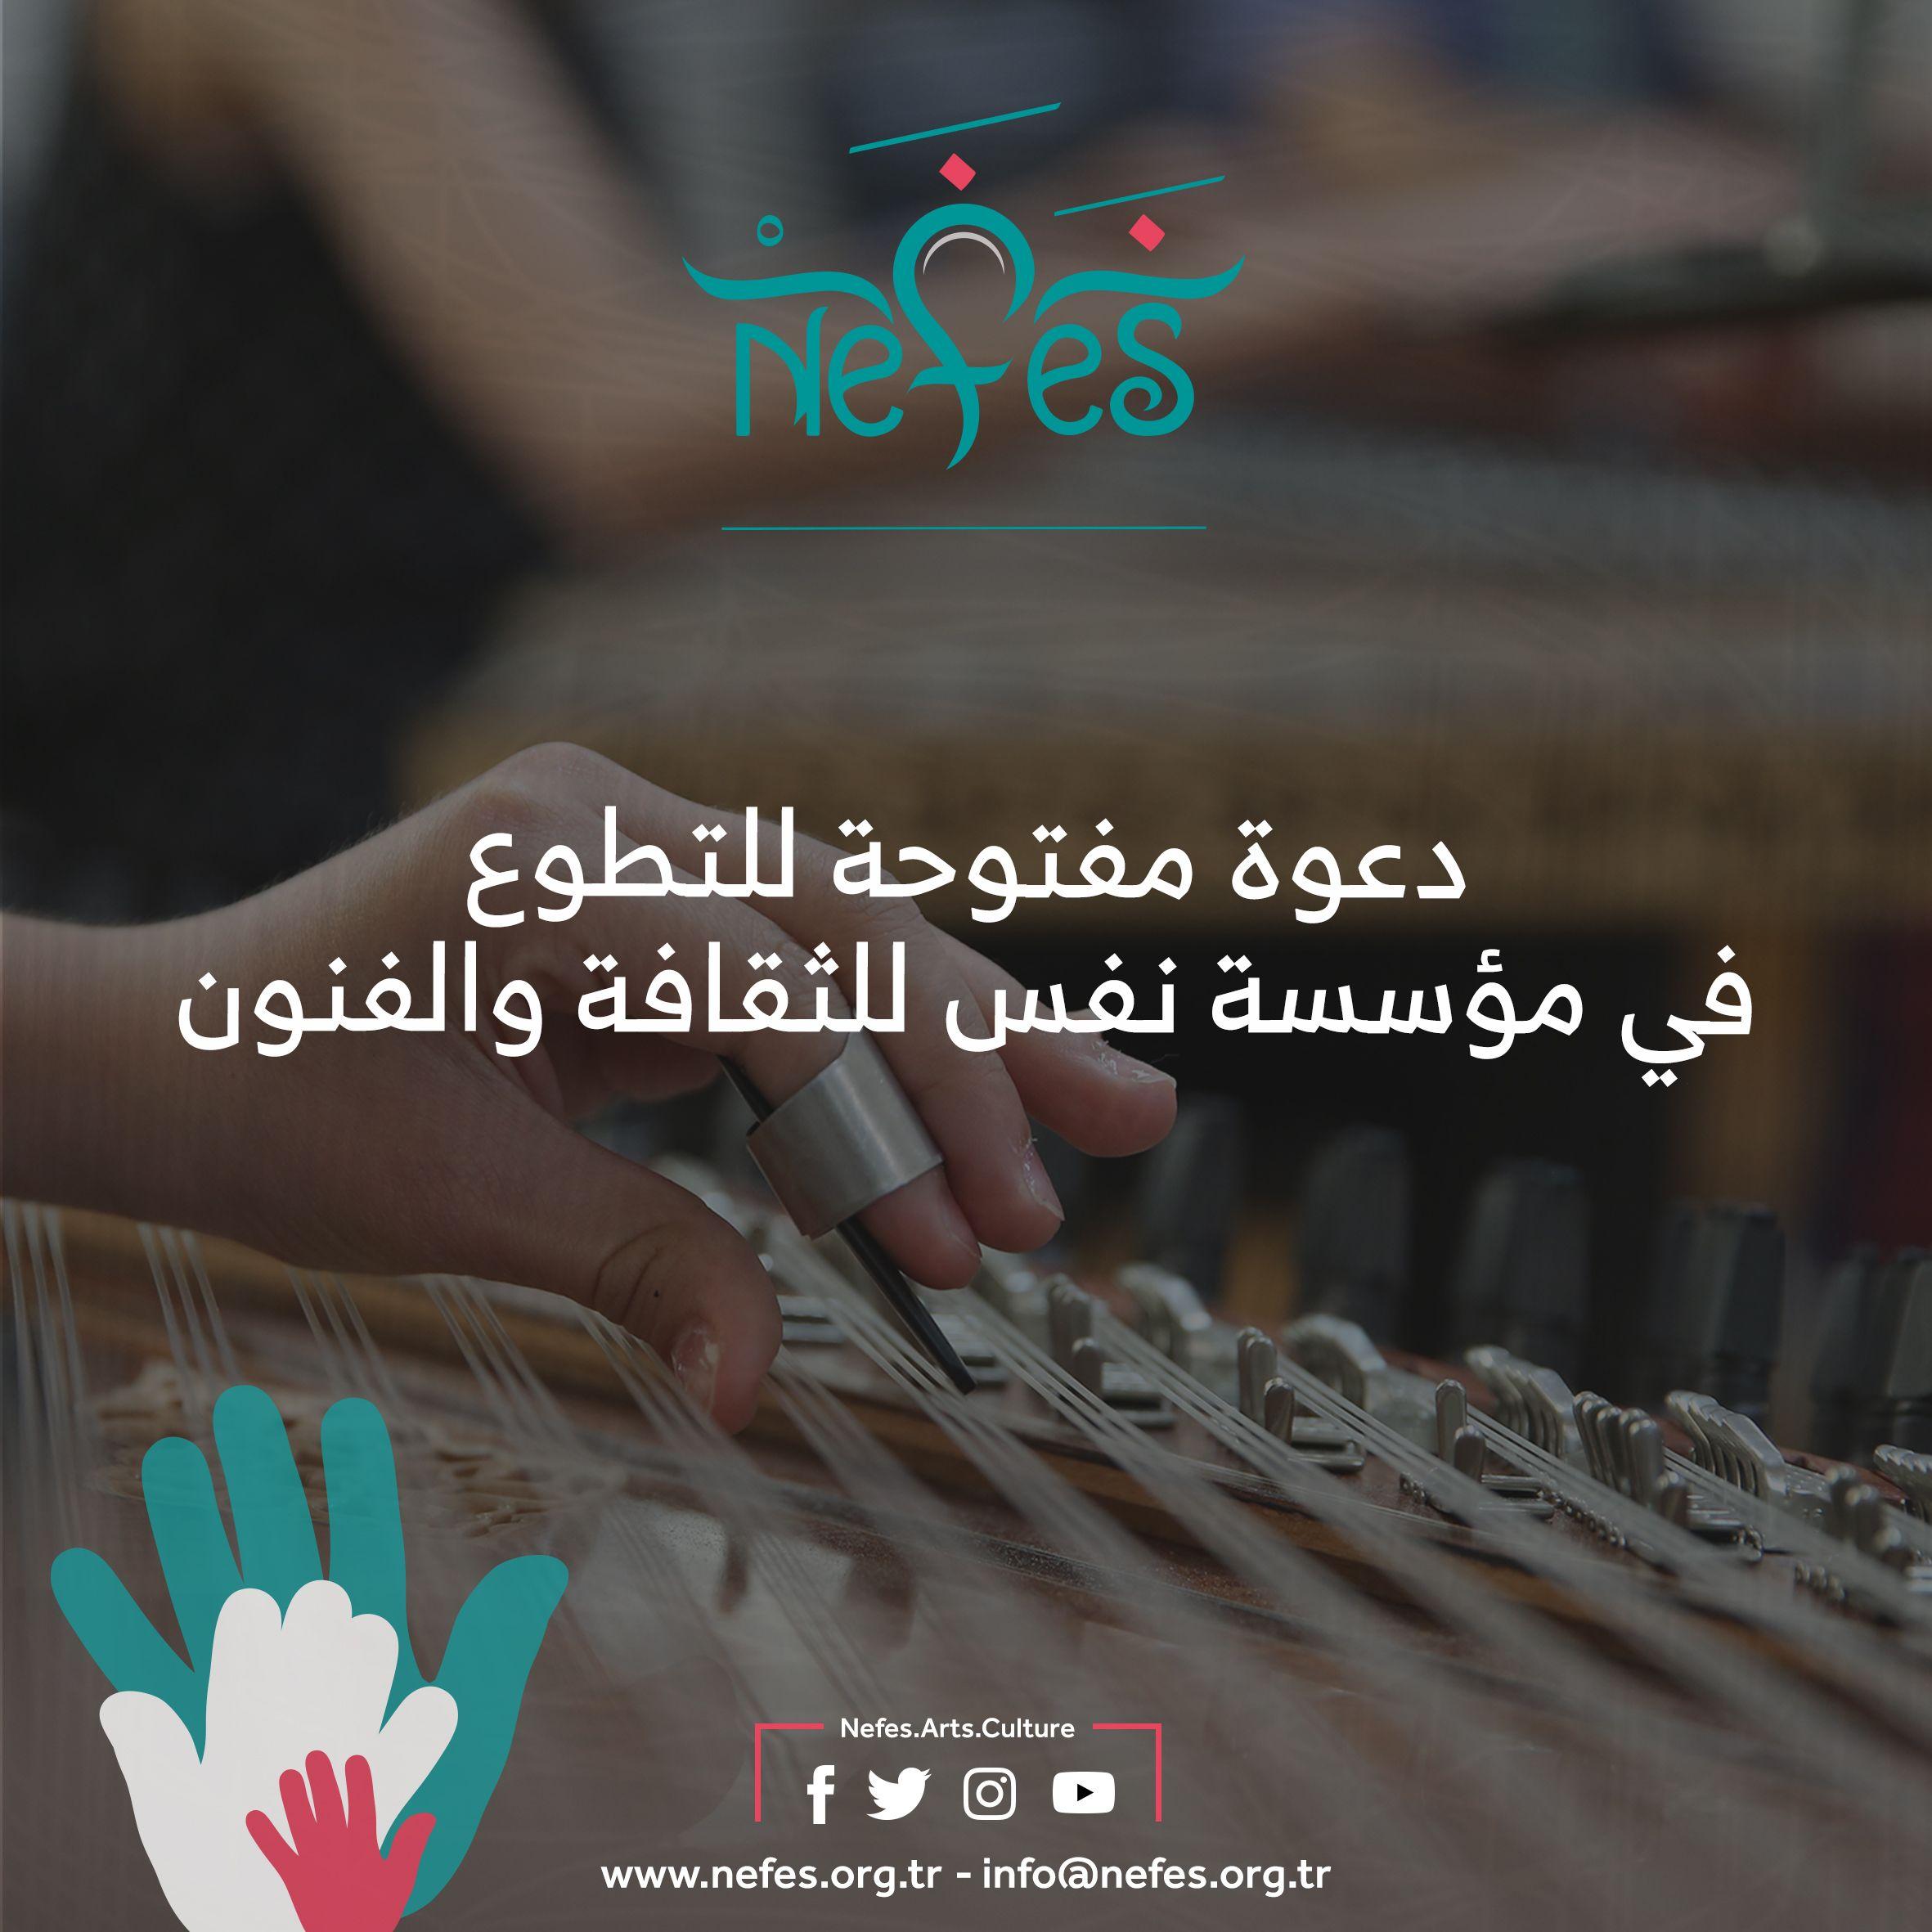 دعوة مفتوحة للتطوع في مؤسسة نفس للثقافة والفنون